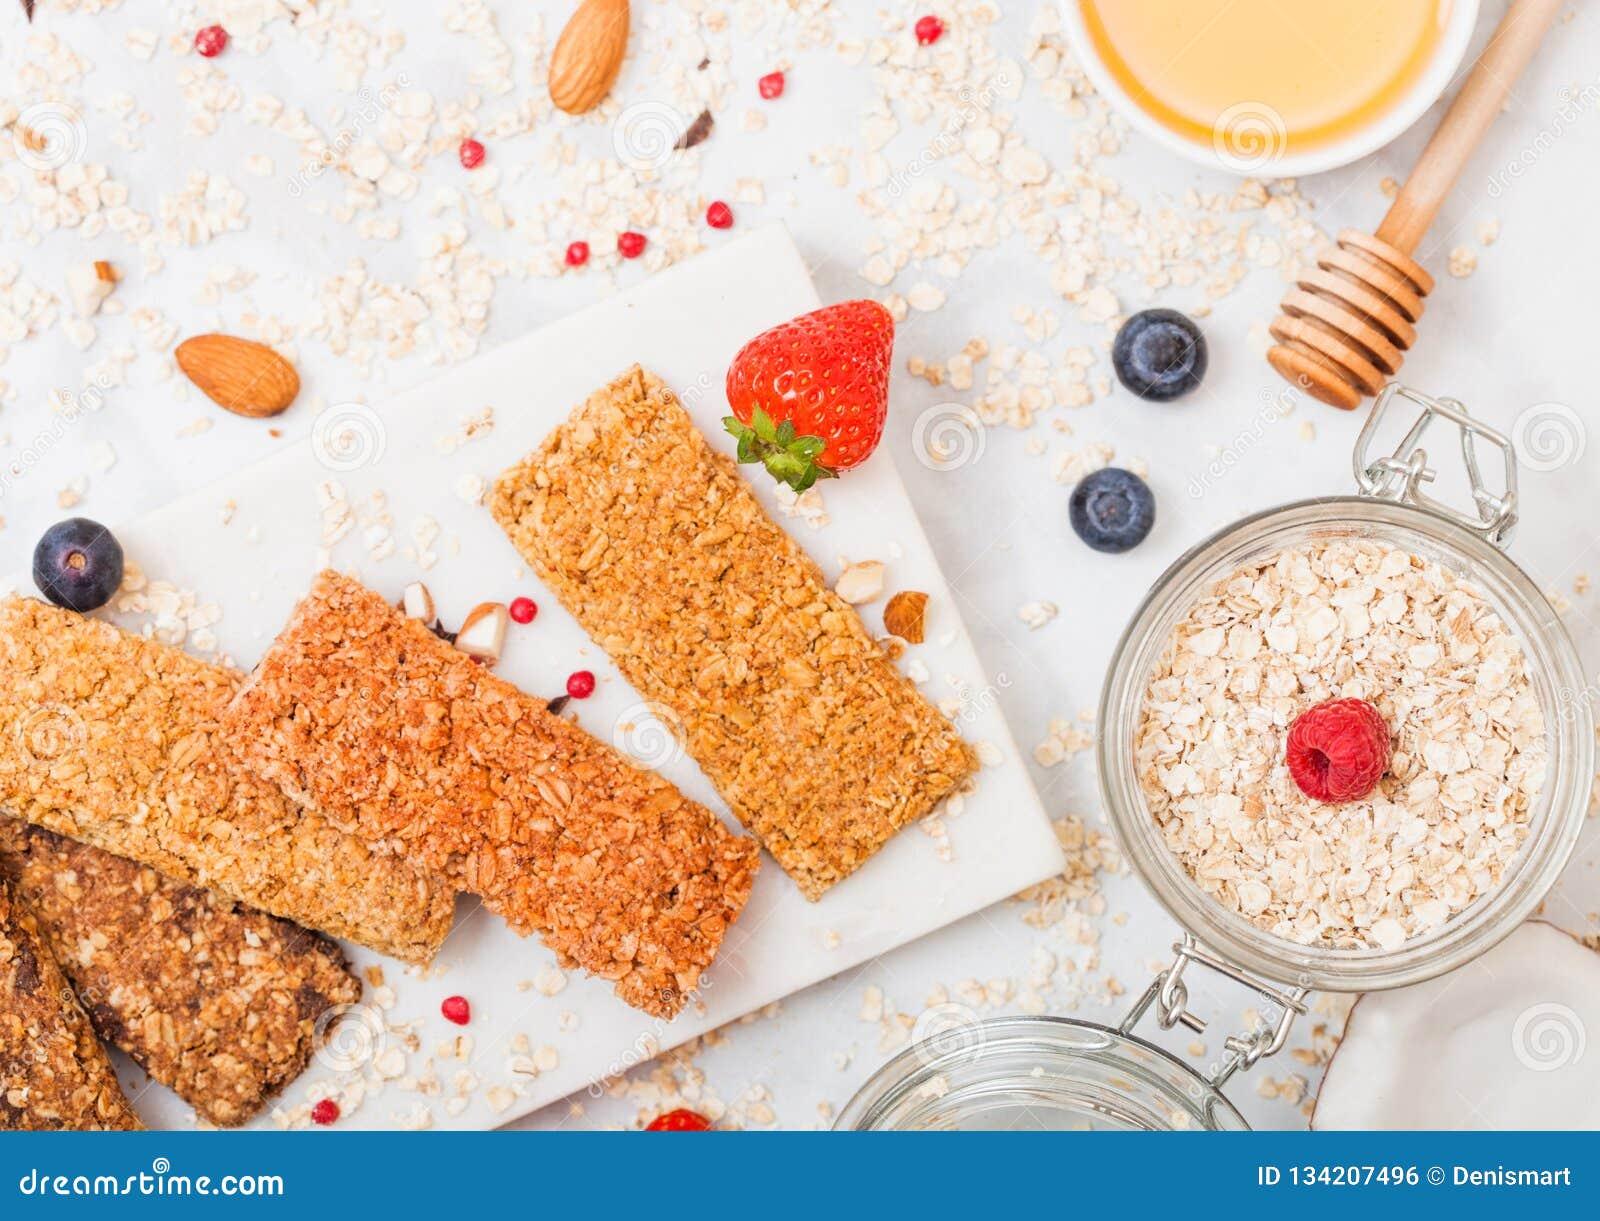 Οργανικός φραγμός granola δημητριακών με τα μούρα στο μαρμάρινο πίνακα με το κουτάλι μελιού και το βάζο των βρωμών και την καρύδα